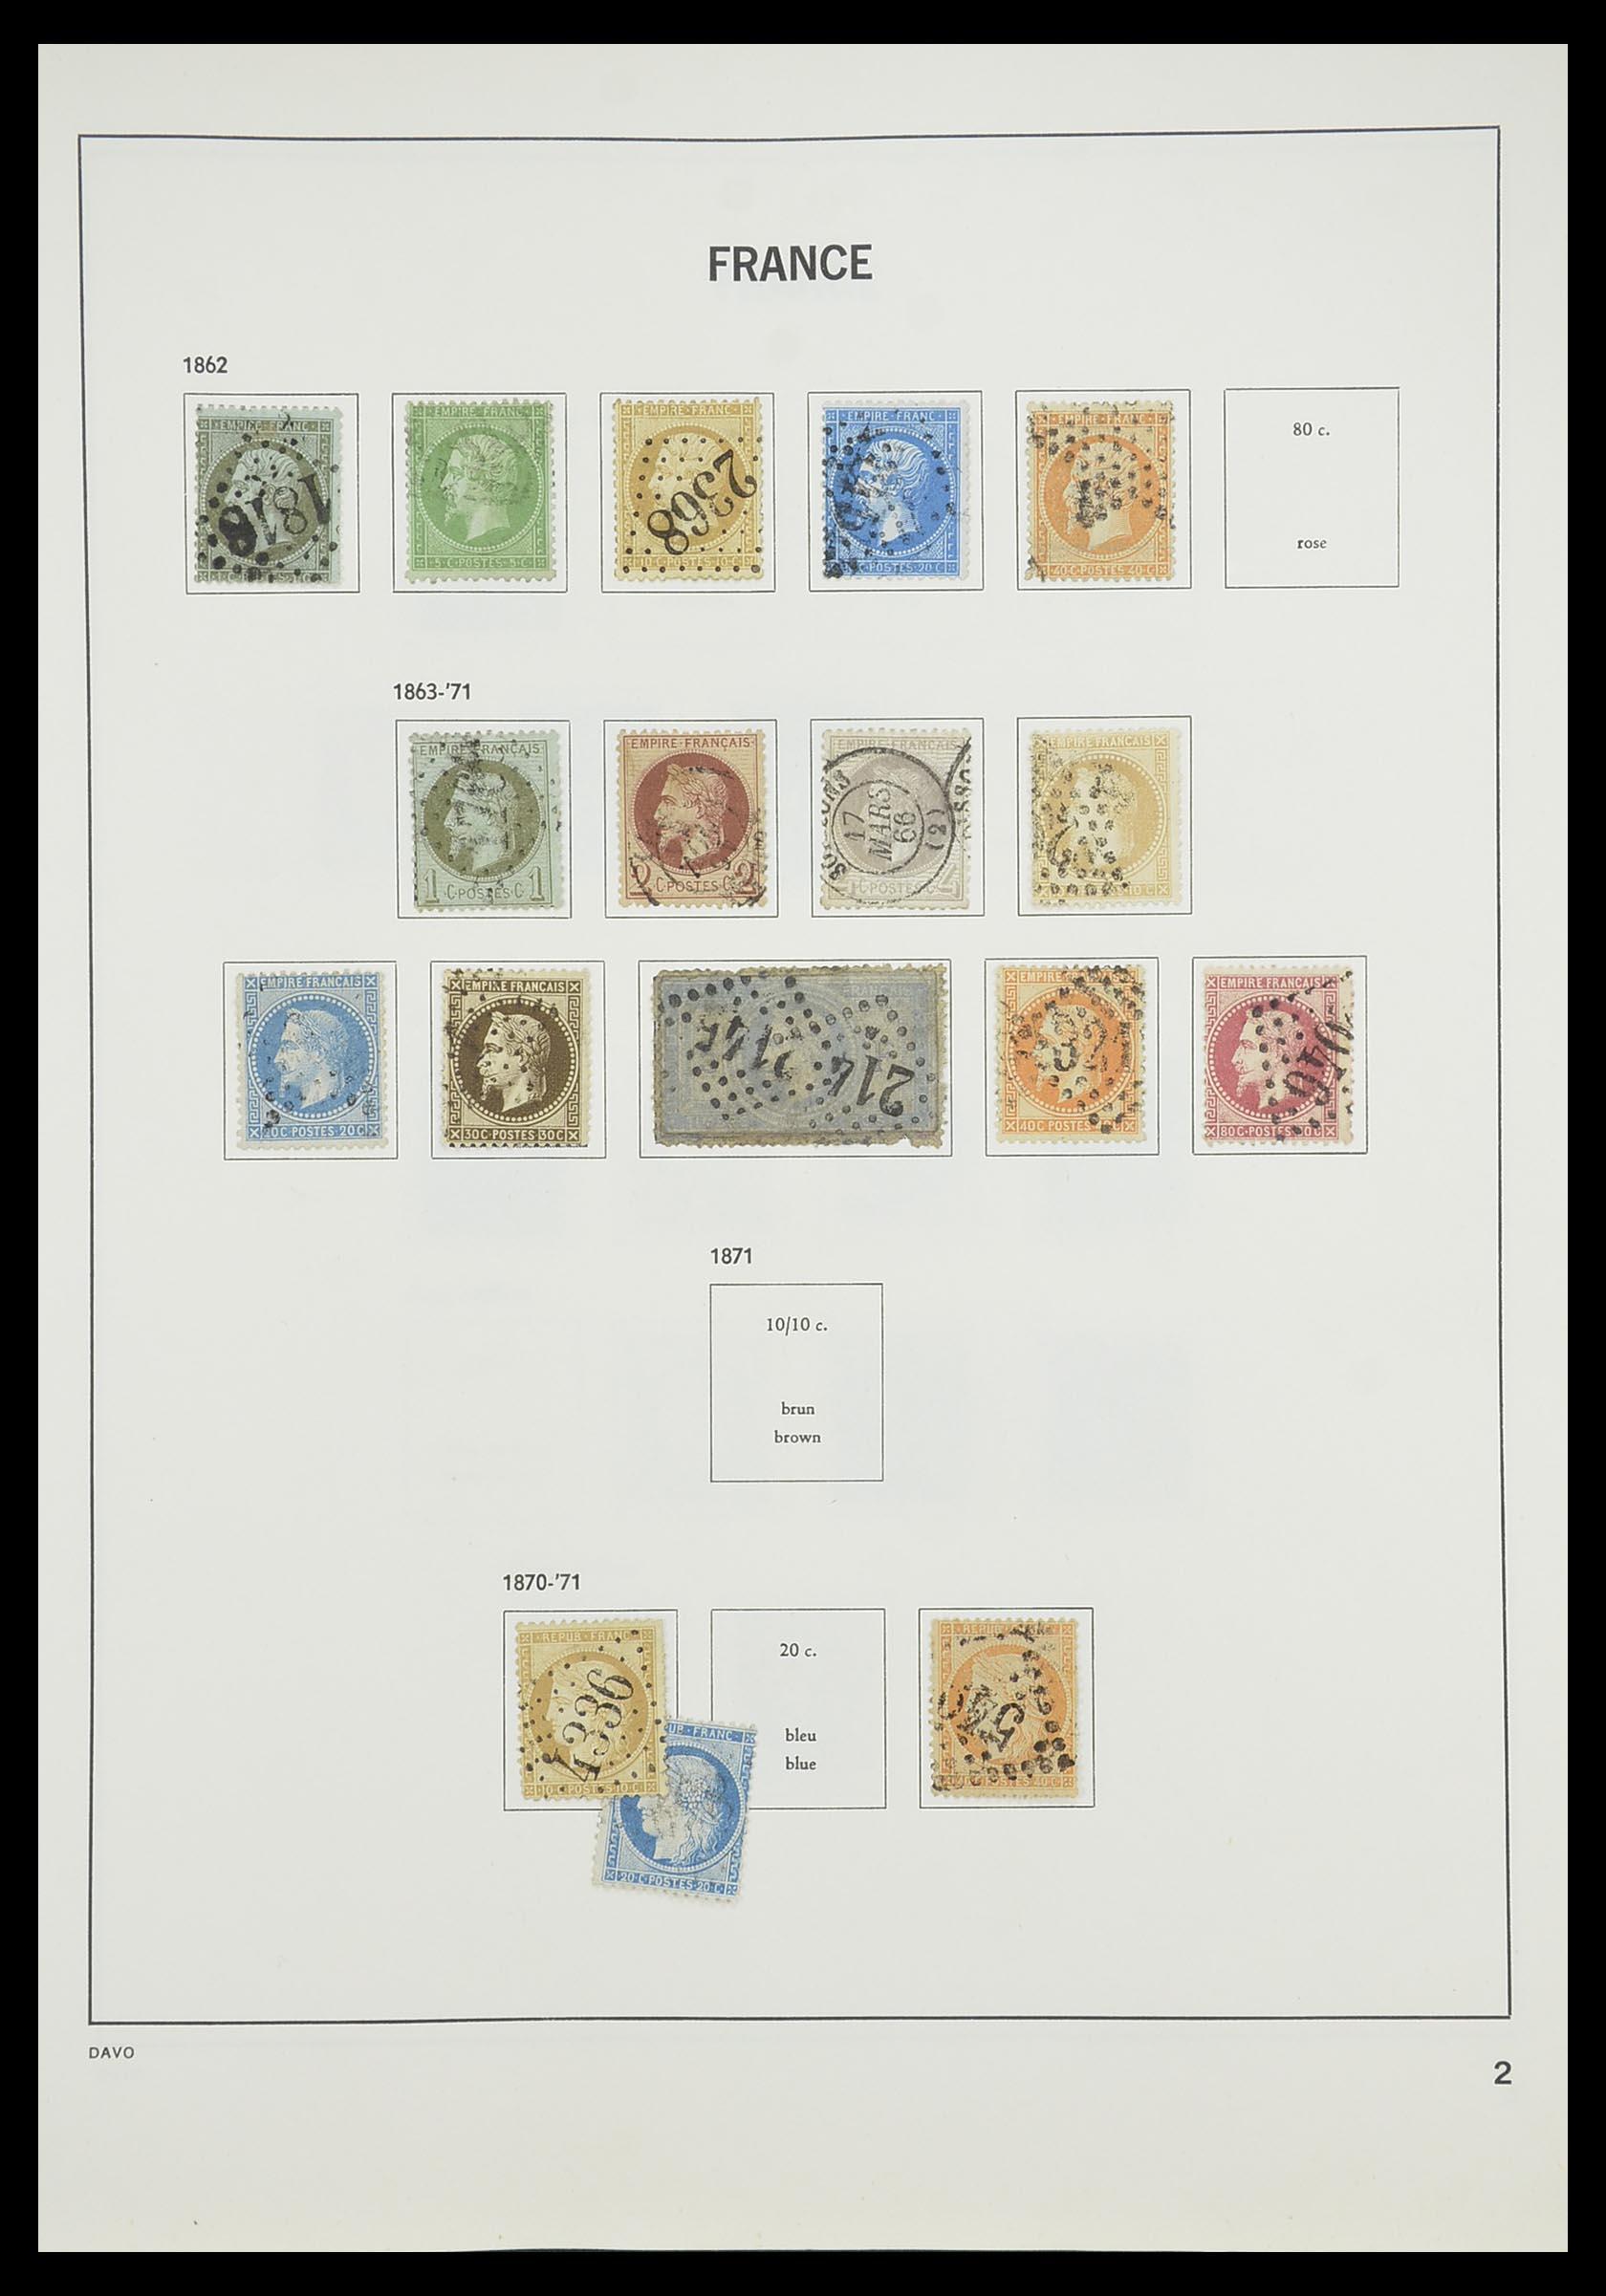 33819 004 - Postzegelverzameling 33819 Frankrijk 1849-1988.